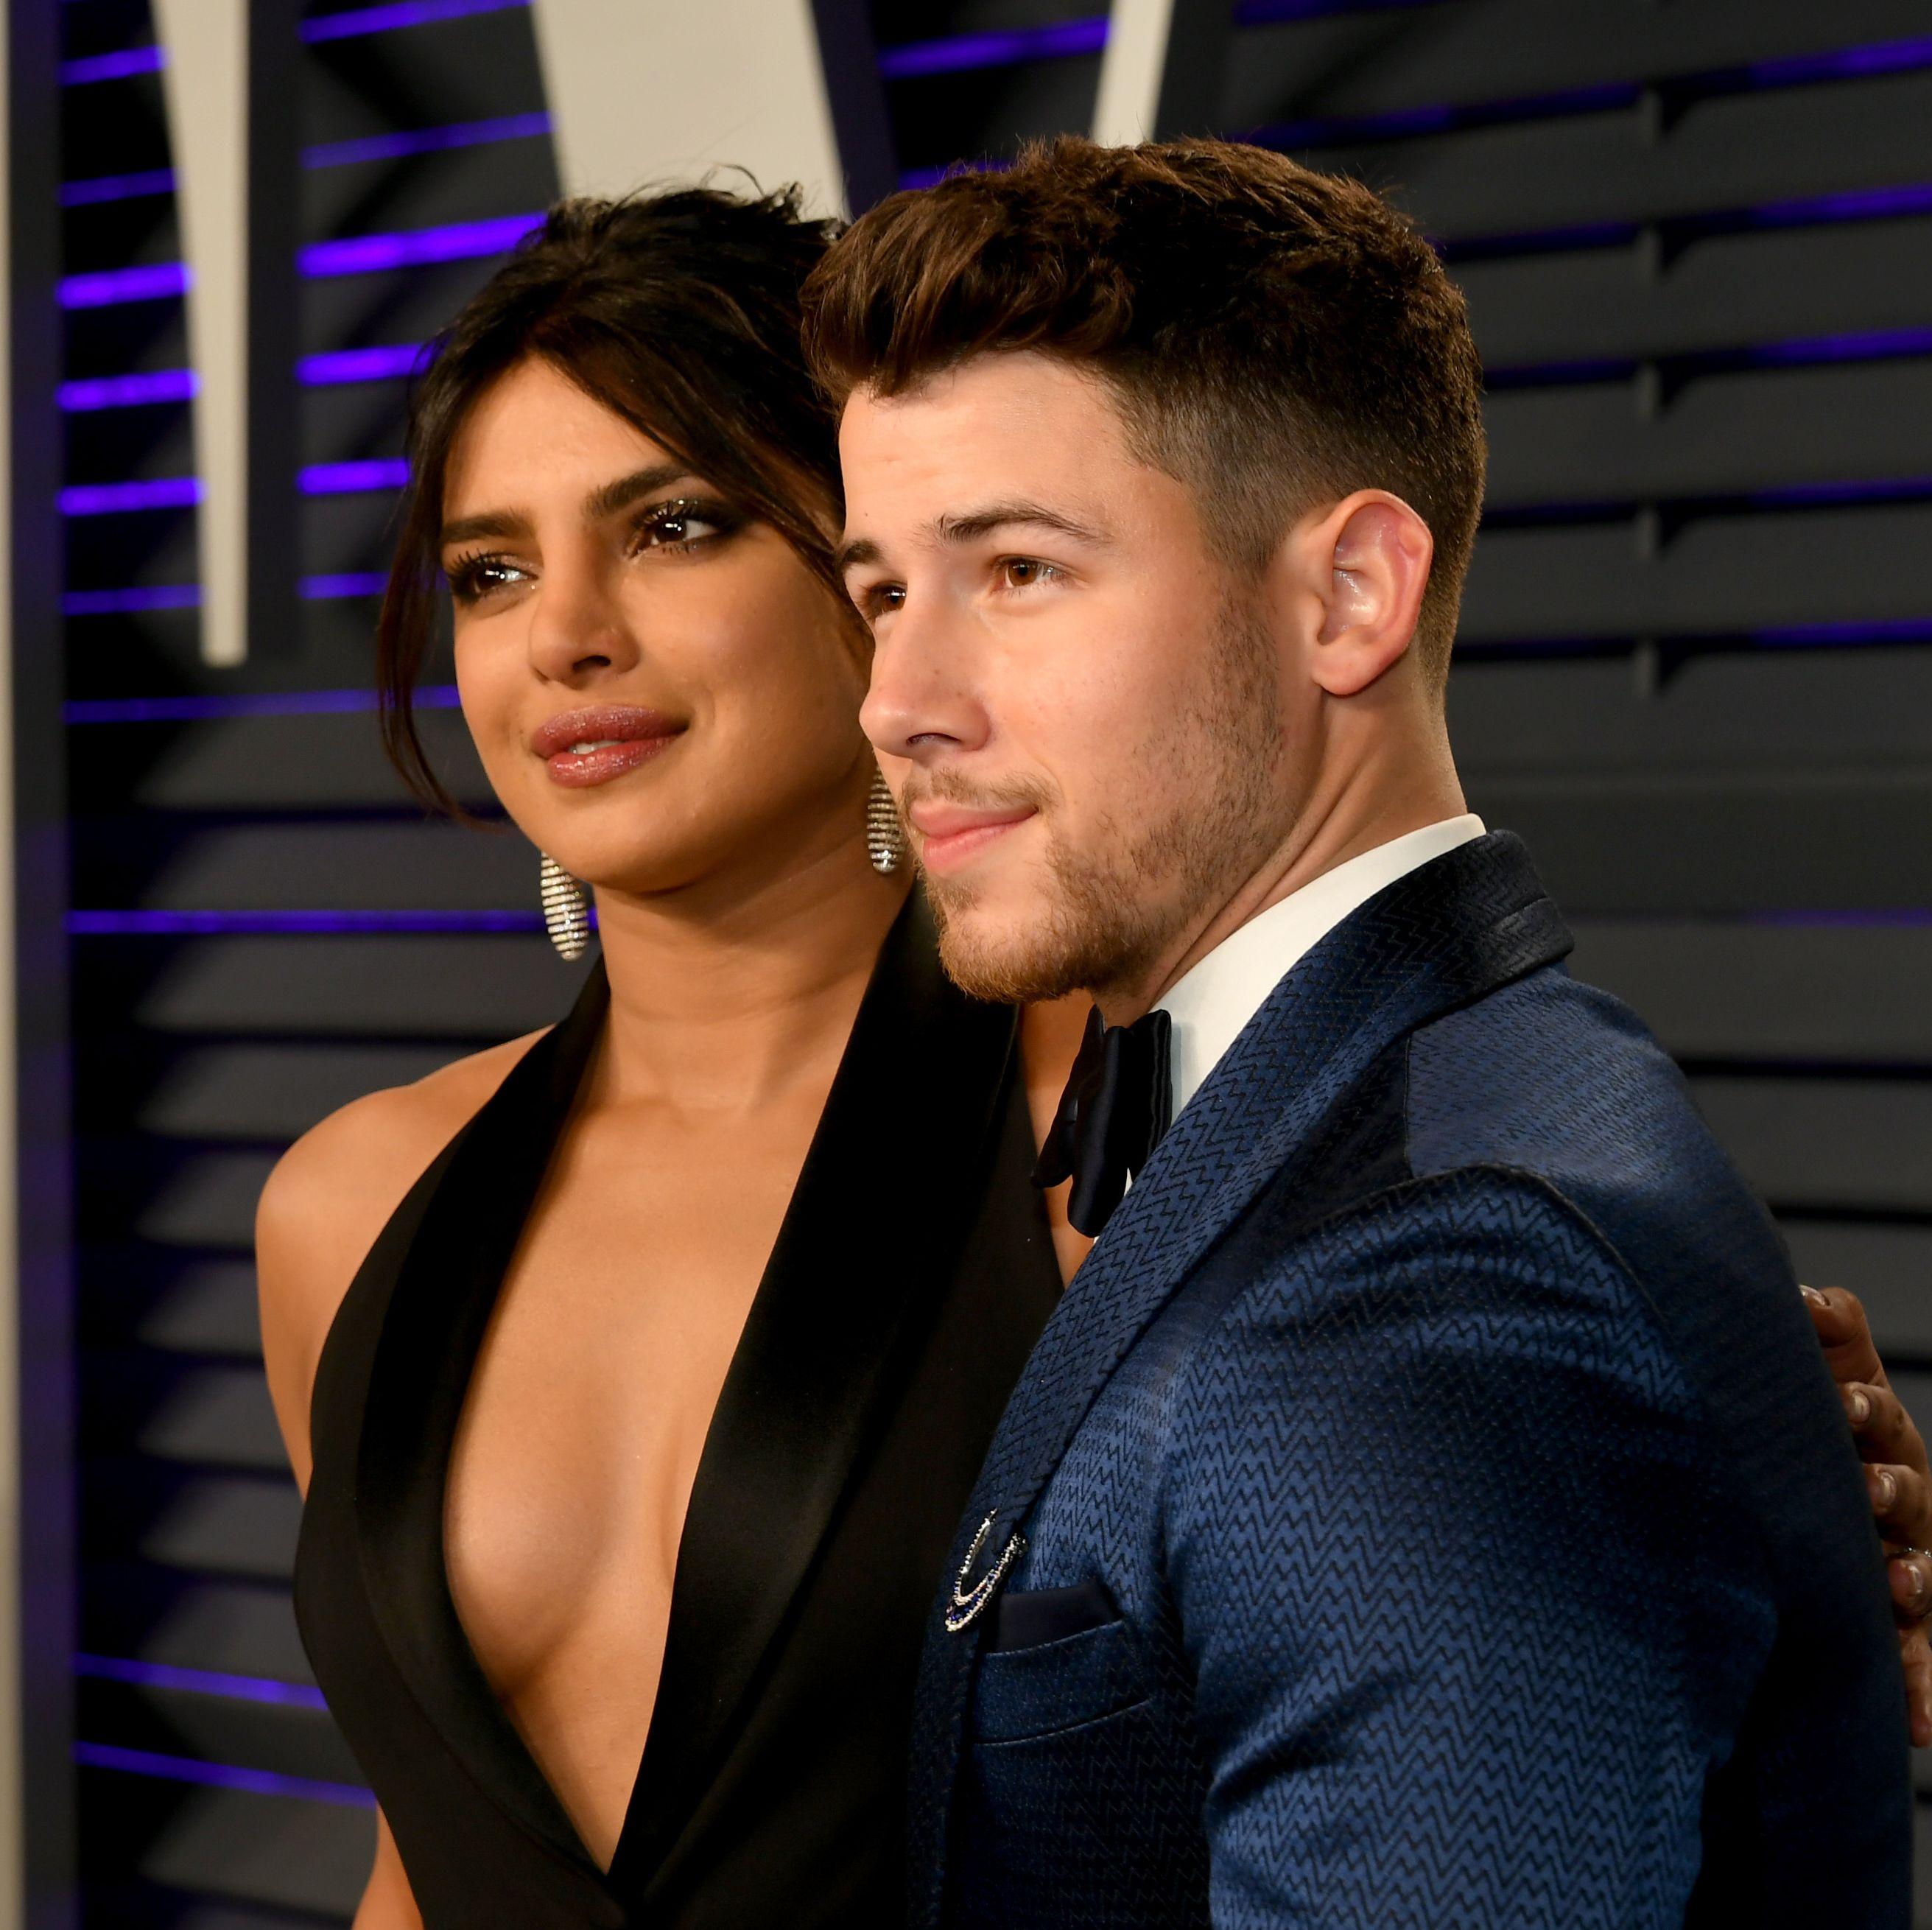 Nick Jonas Gave Priyanka Chopra a Maybach Because His Song Went #1